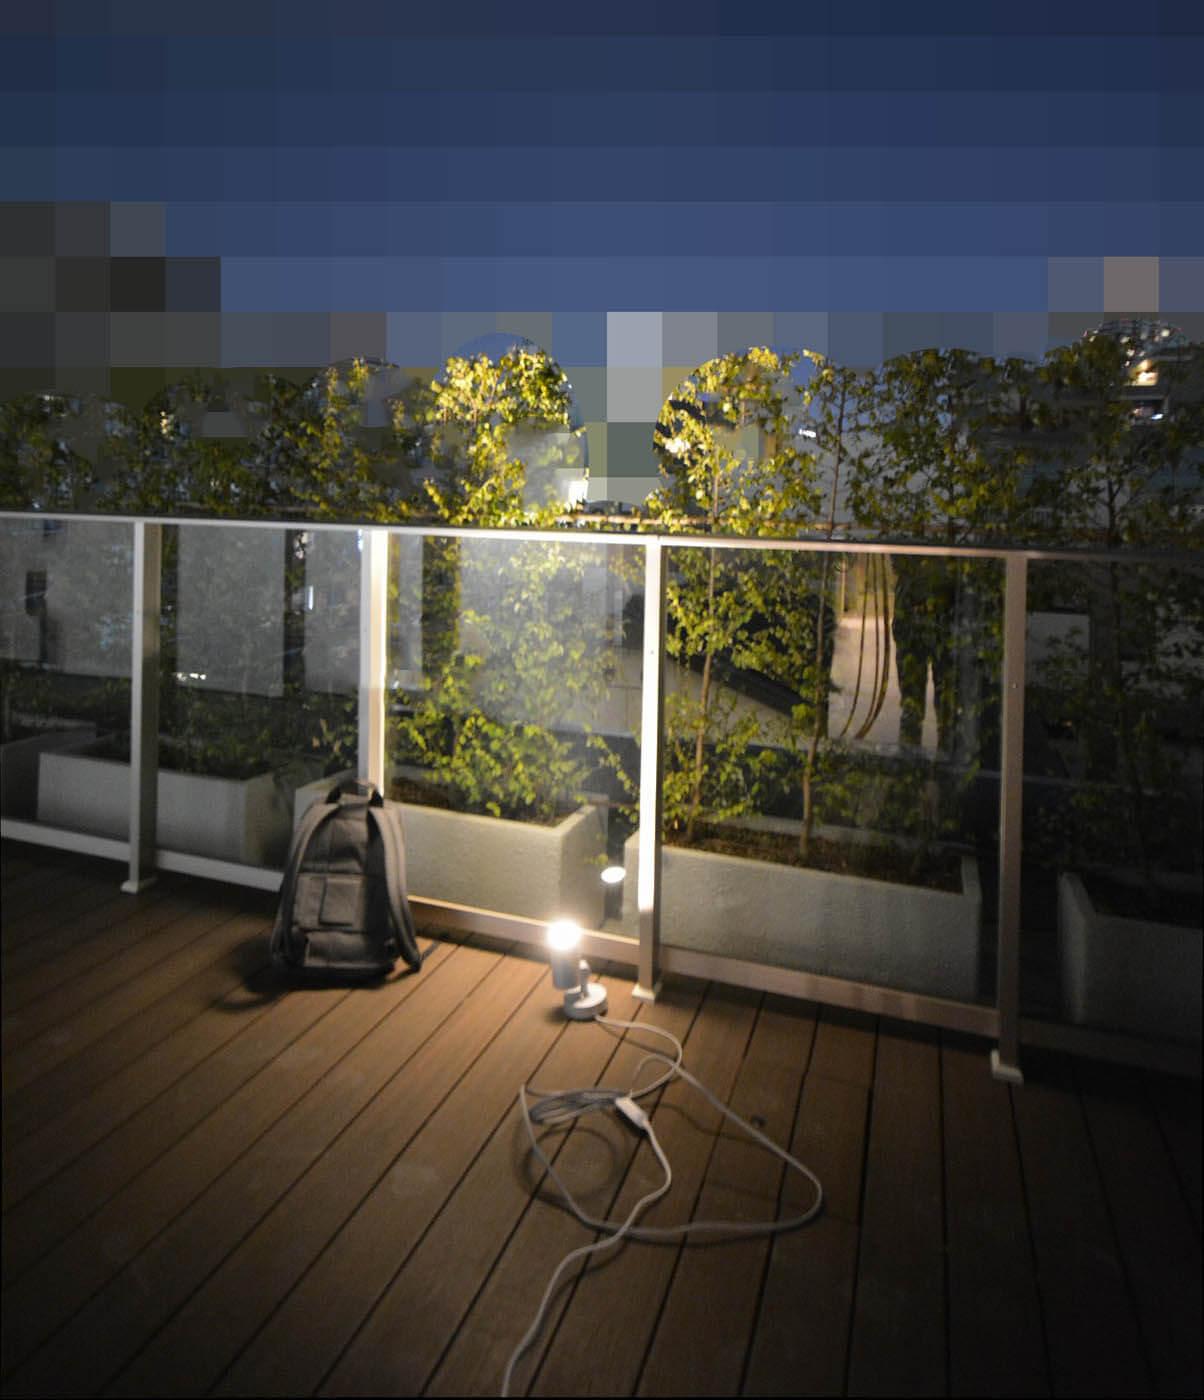 マンションバルコニー植栽照明実験